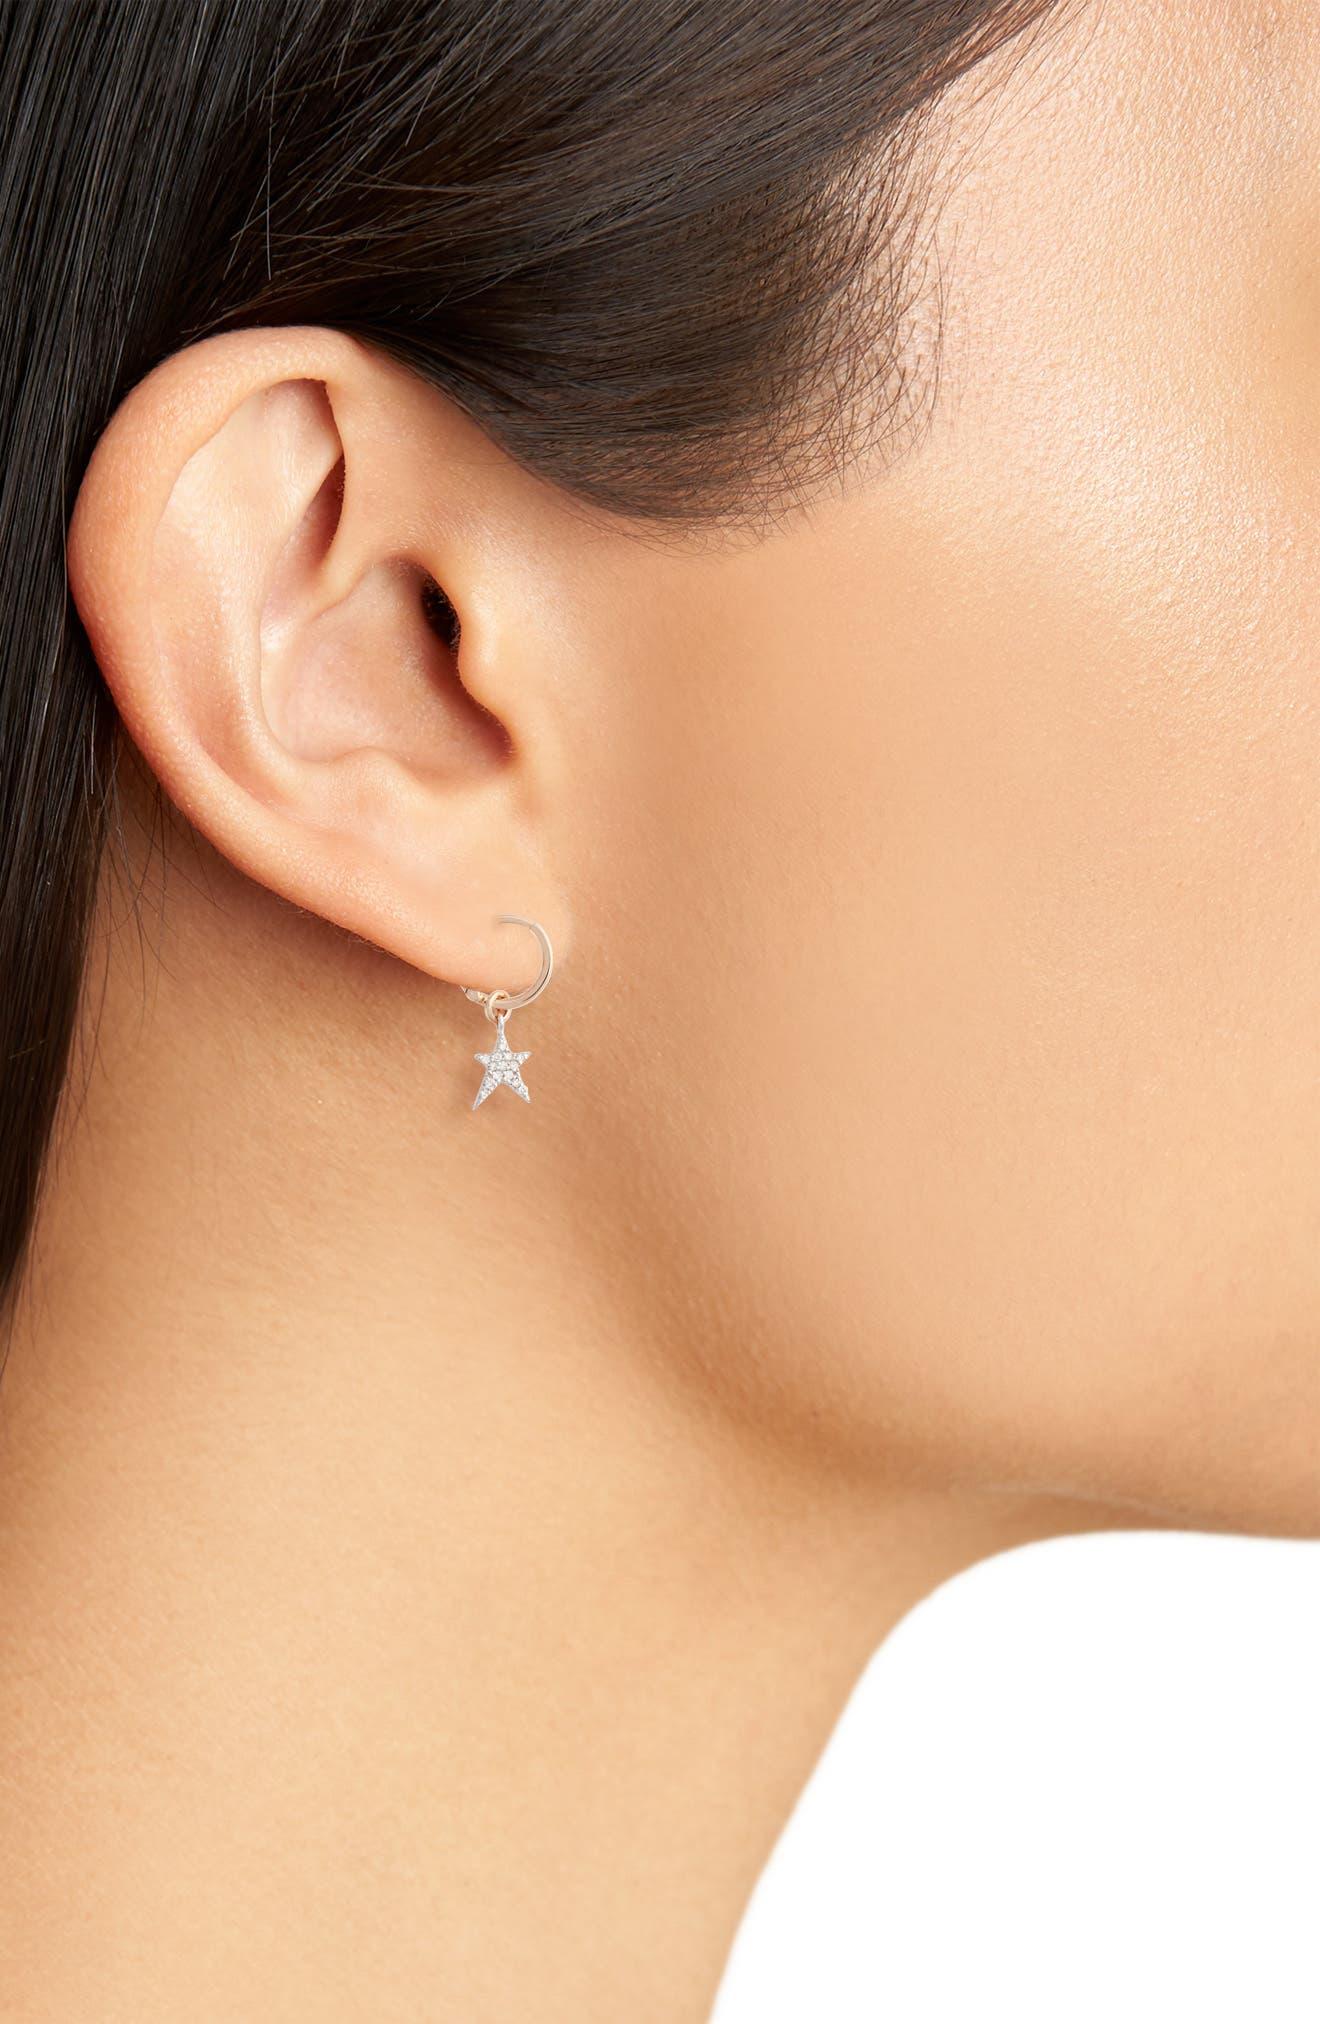 KISMET BY MILKA, Diamond Starstruck Small Hoop Earring, Alternate thumbnail 2, color, ROSE GOLD